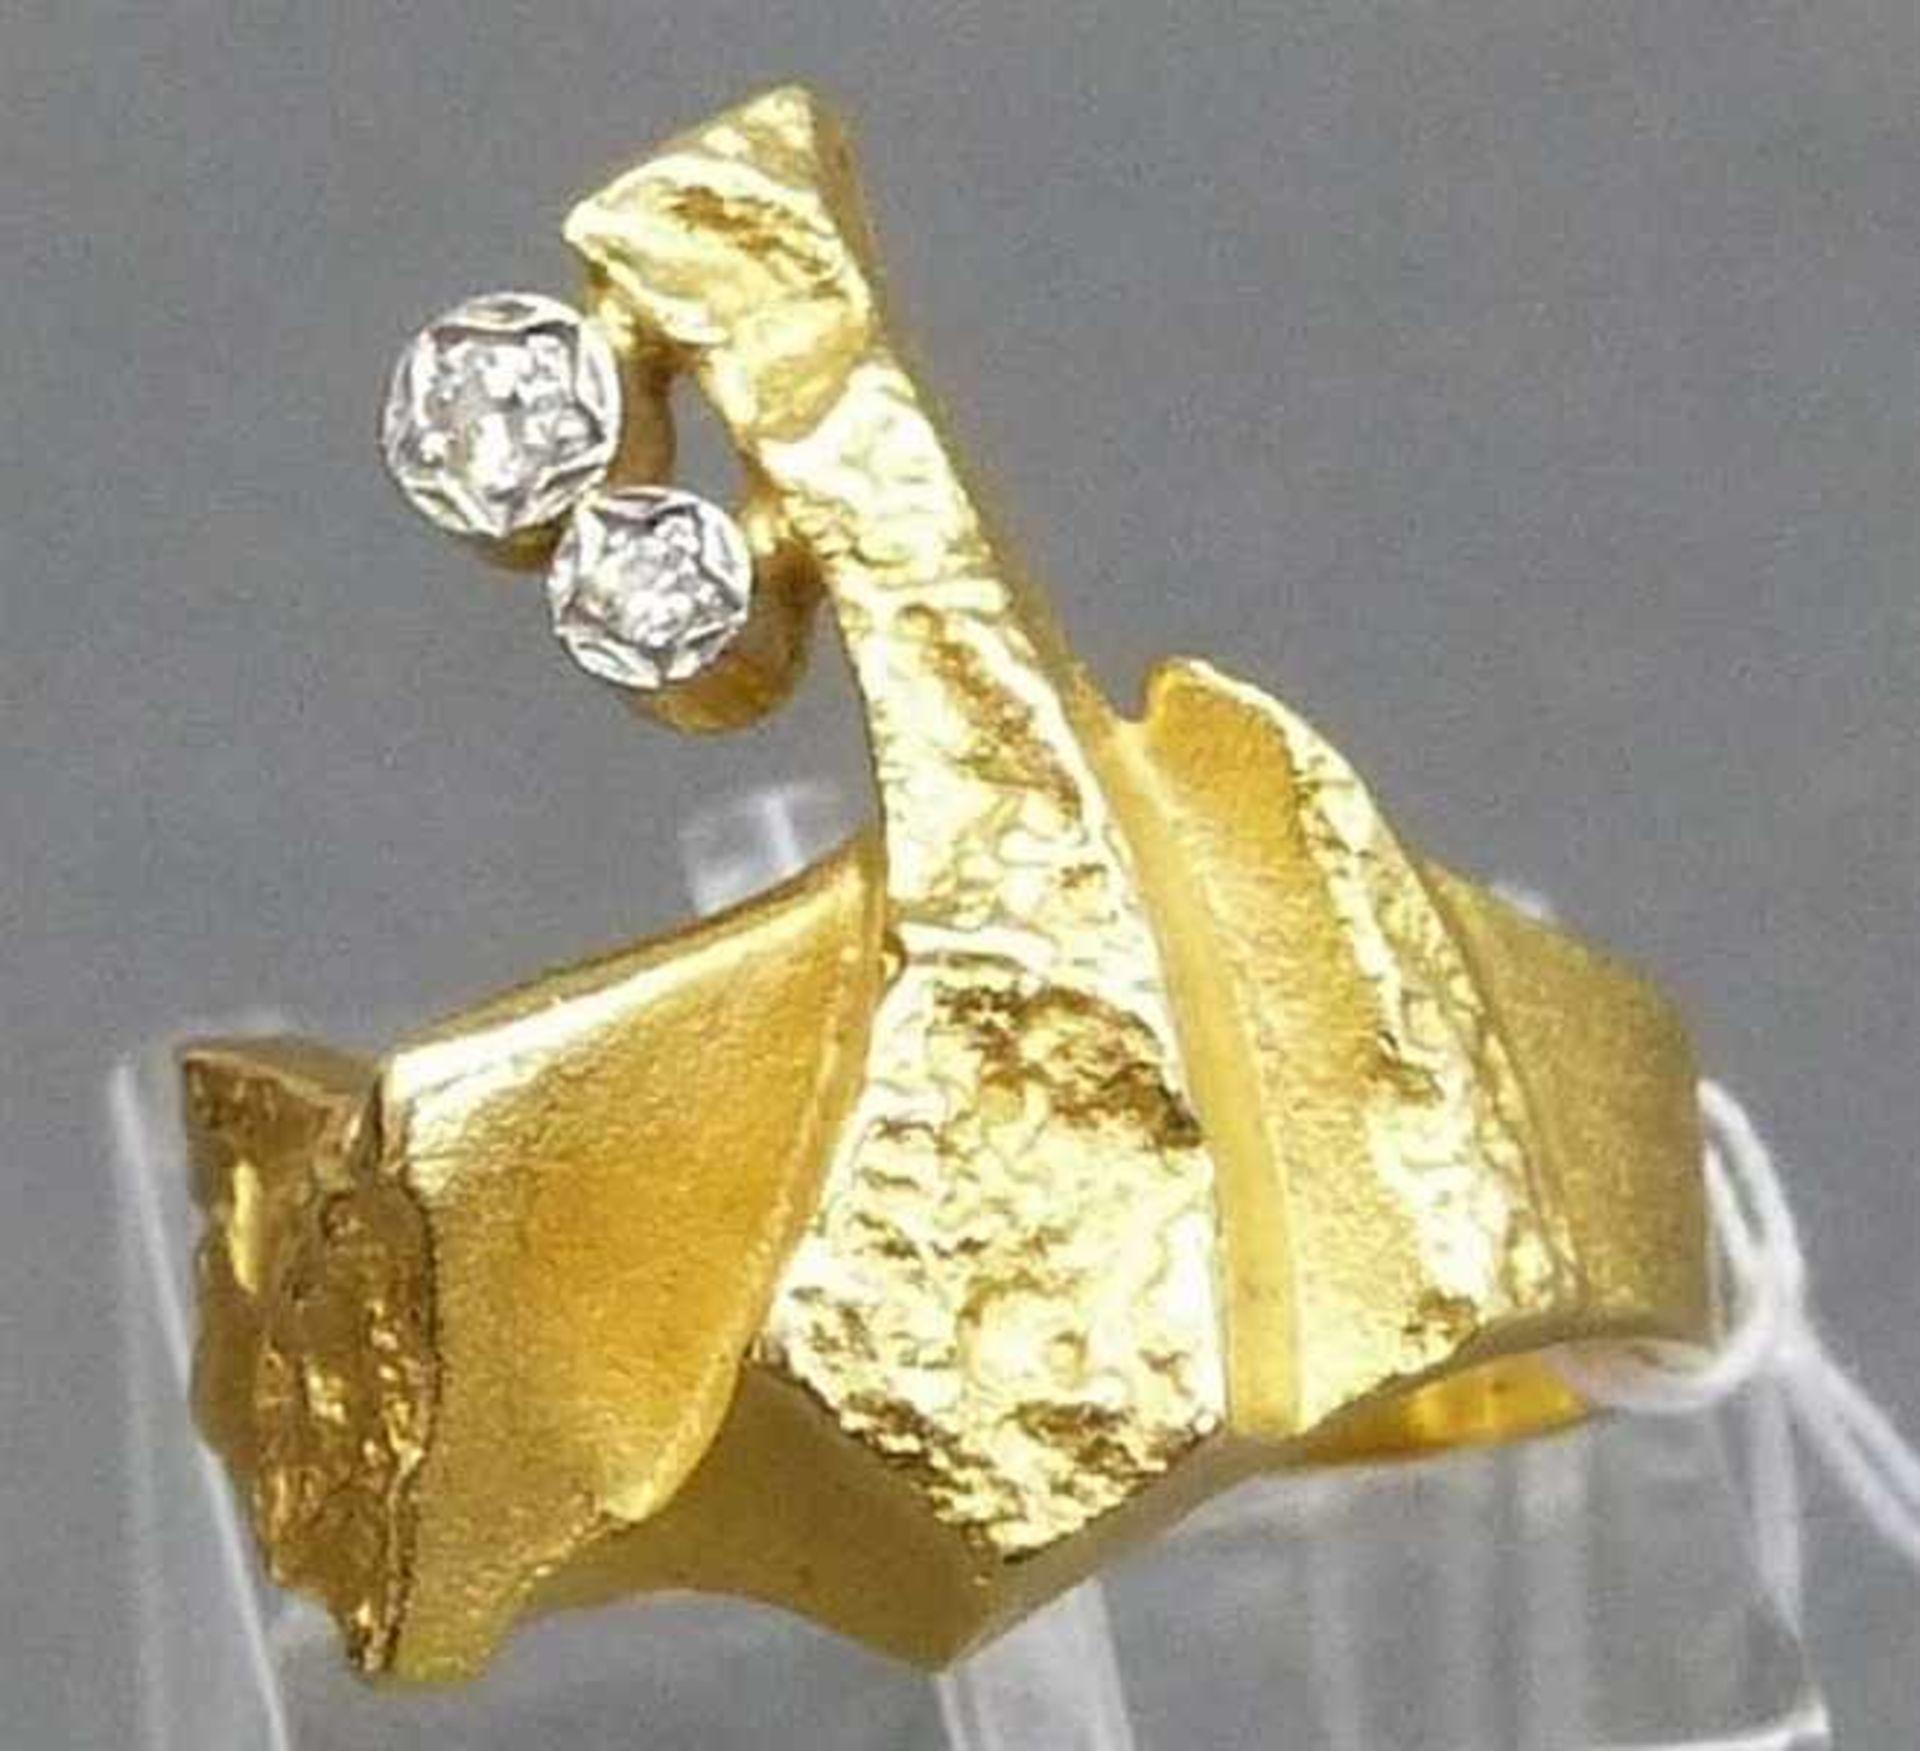 """Los 1055 - Damenring 13 kt. Gelbgold, gemarkt """"Lapponia"""", 2 kl. Brillanten, Handarbeit, mod. Designform, ca."""